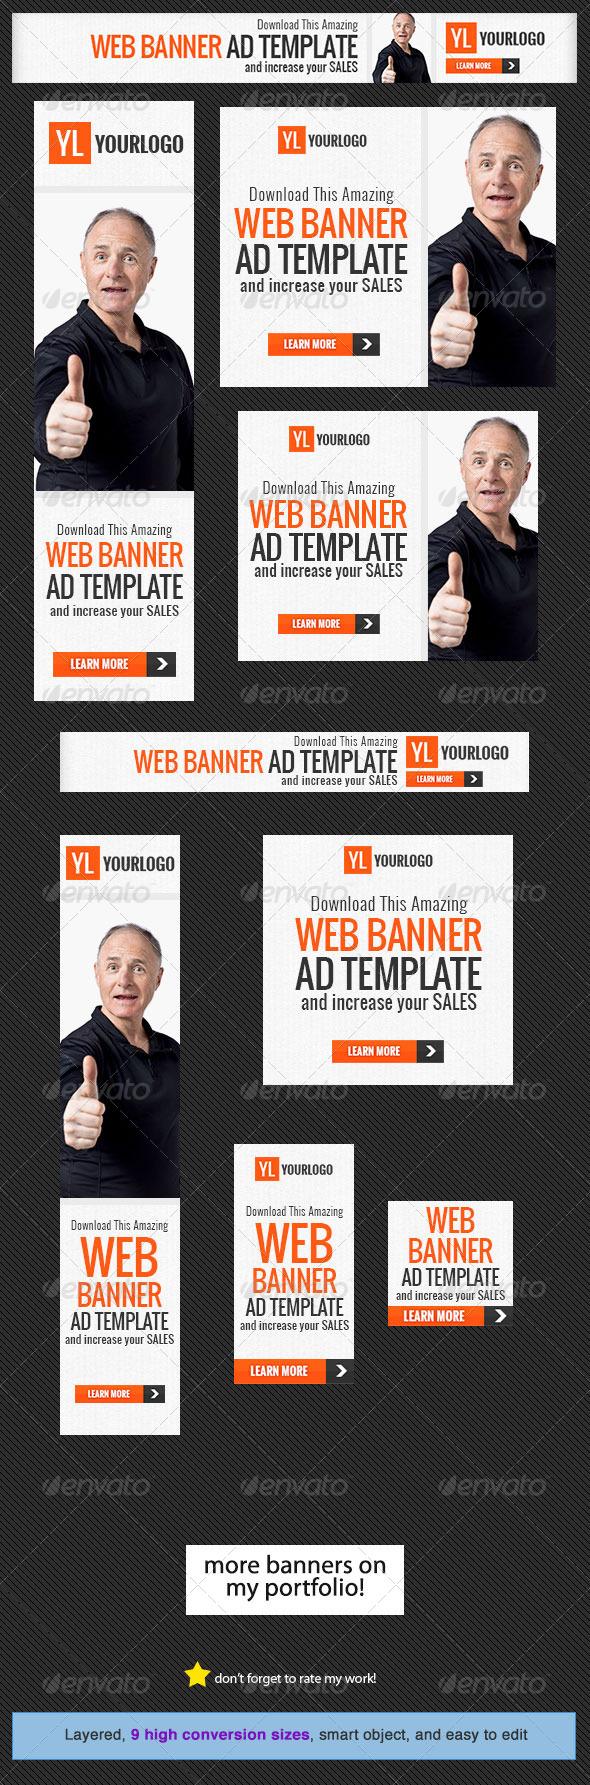 GraphicRiver Corporate Web Banner Design Template 20 5317914